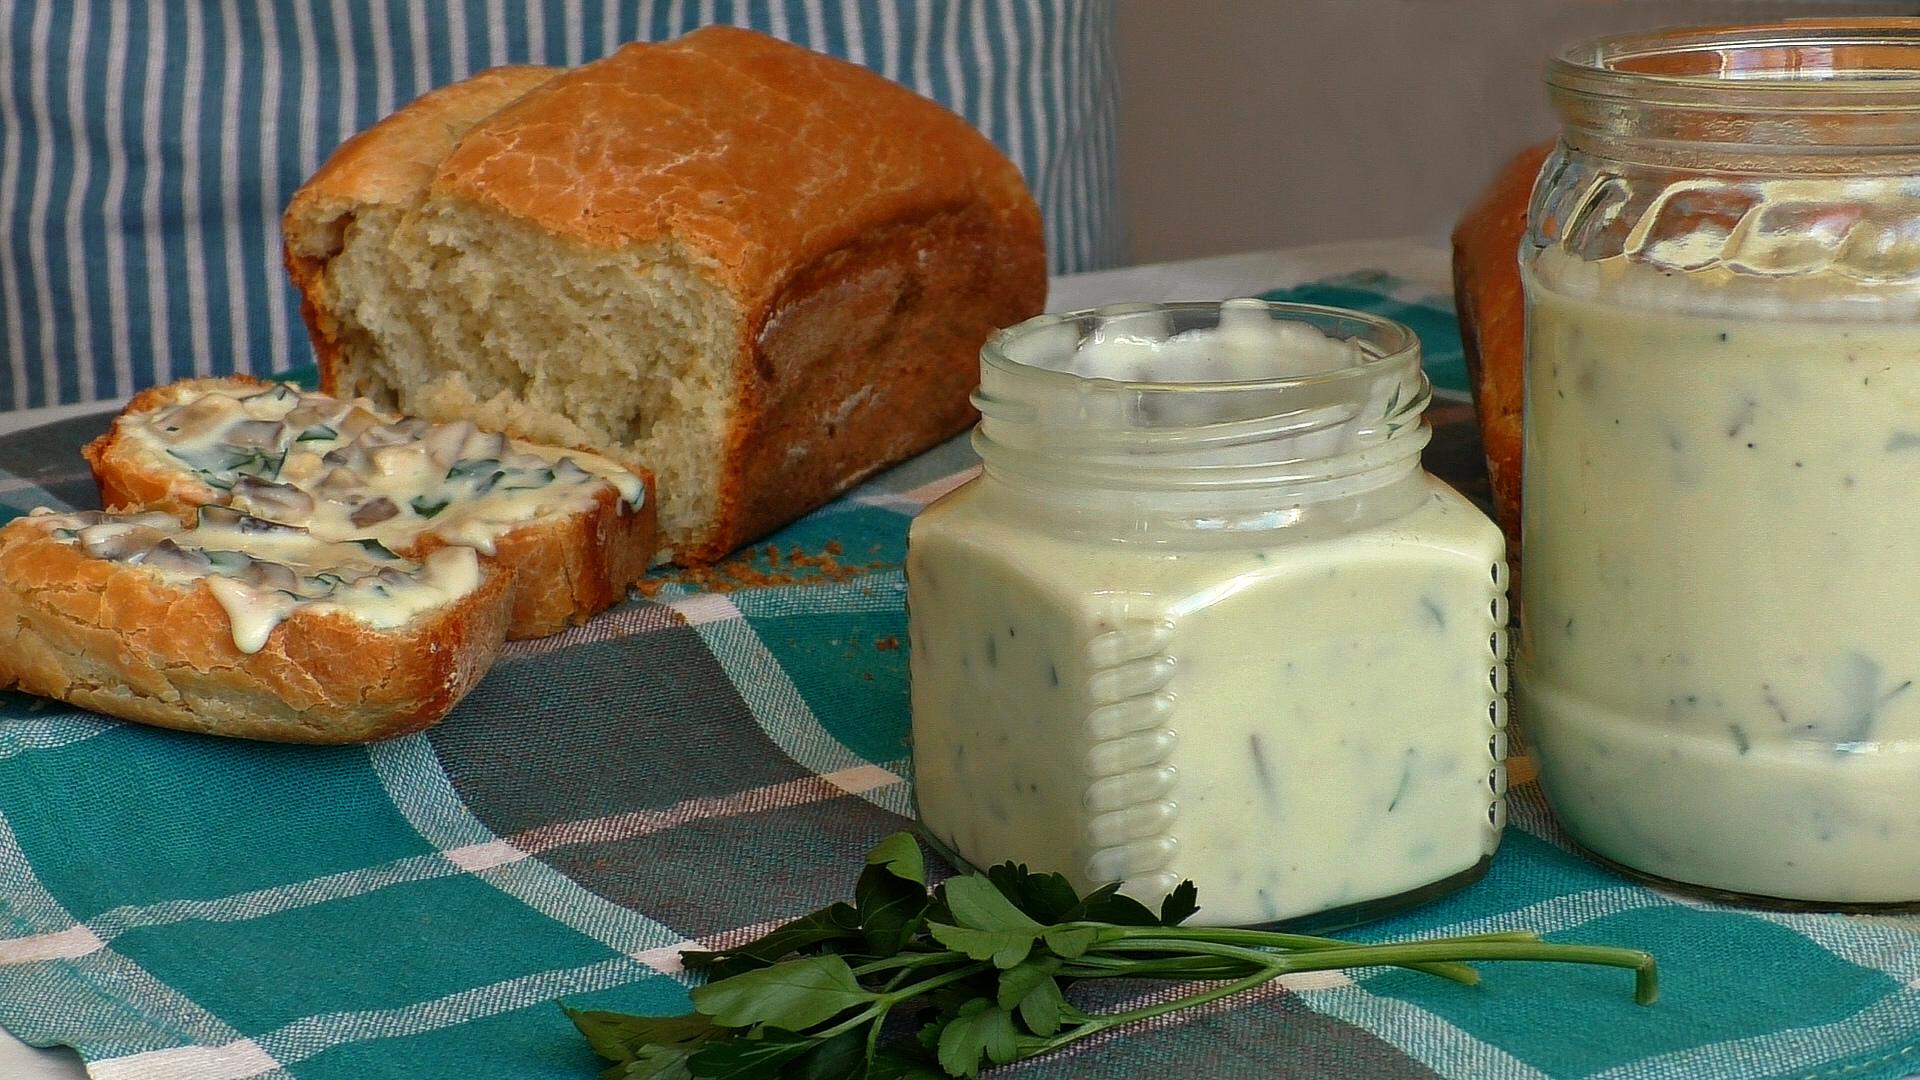 Хватит покупать в магазине! Сделайте сами плавленый сыр — всего 10 минут вашего времени!